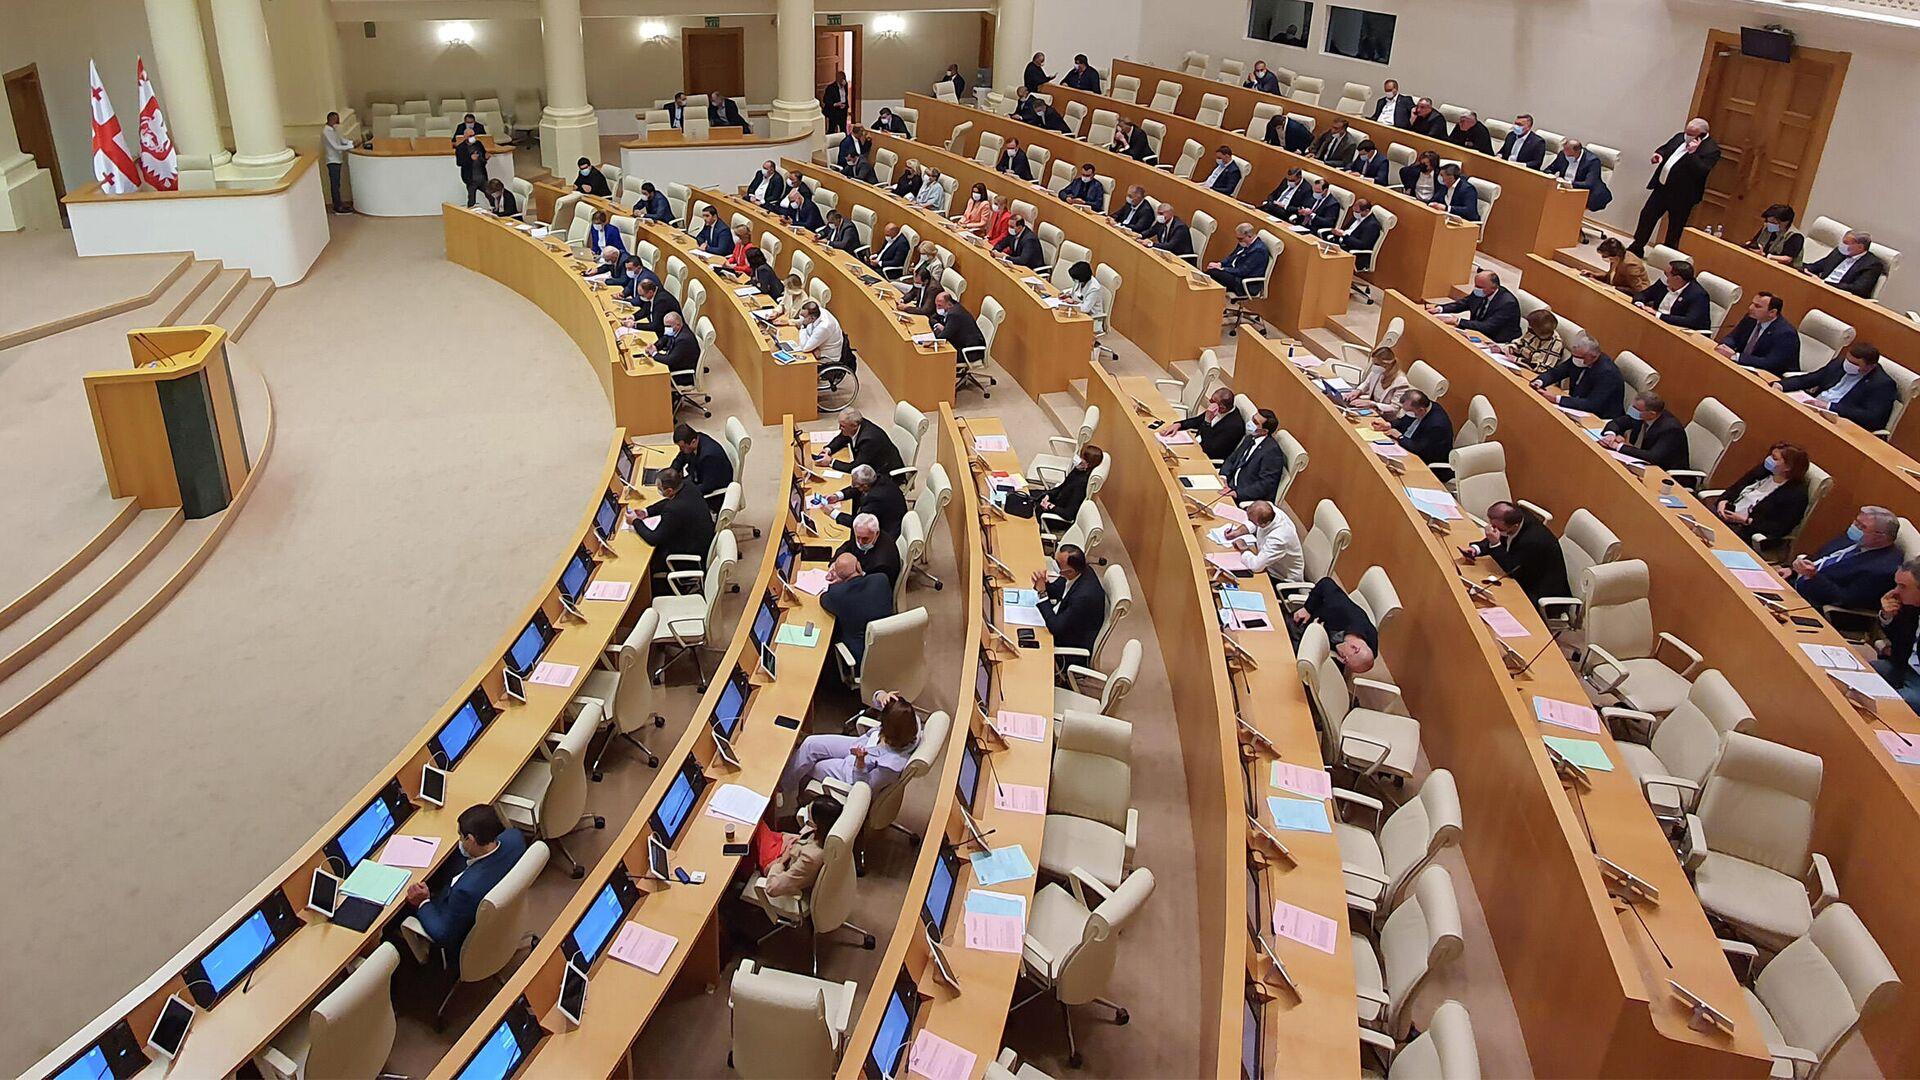 Парламент Грузии. Зал заседаний. Открытие осенней сессии - Sputnik Грузия, 1920, 07.09.2021